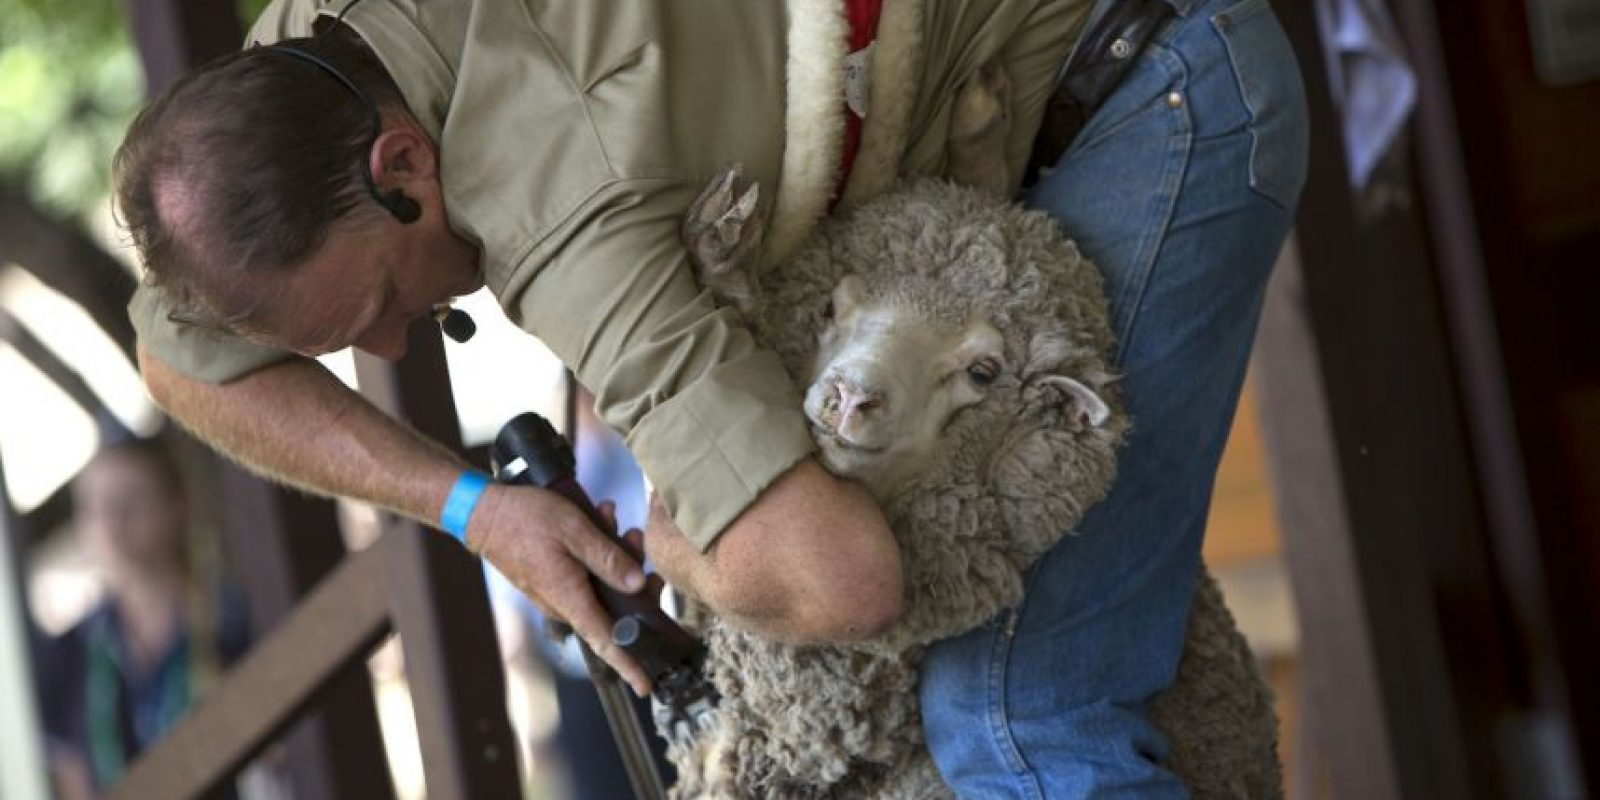 Si a las ovejas no se les quita la lana pueden contraer distintas enfermedades en la piel. Foto:Getty Images